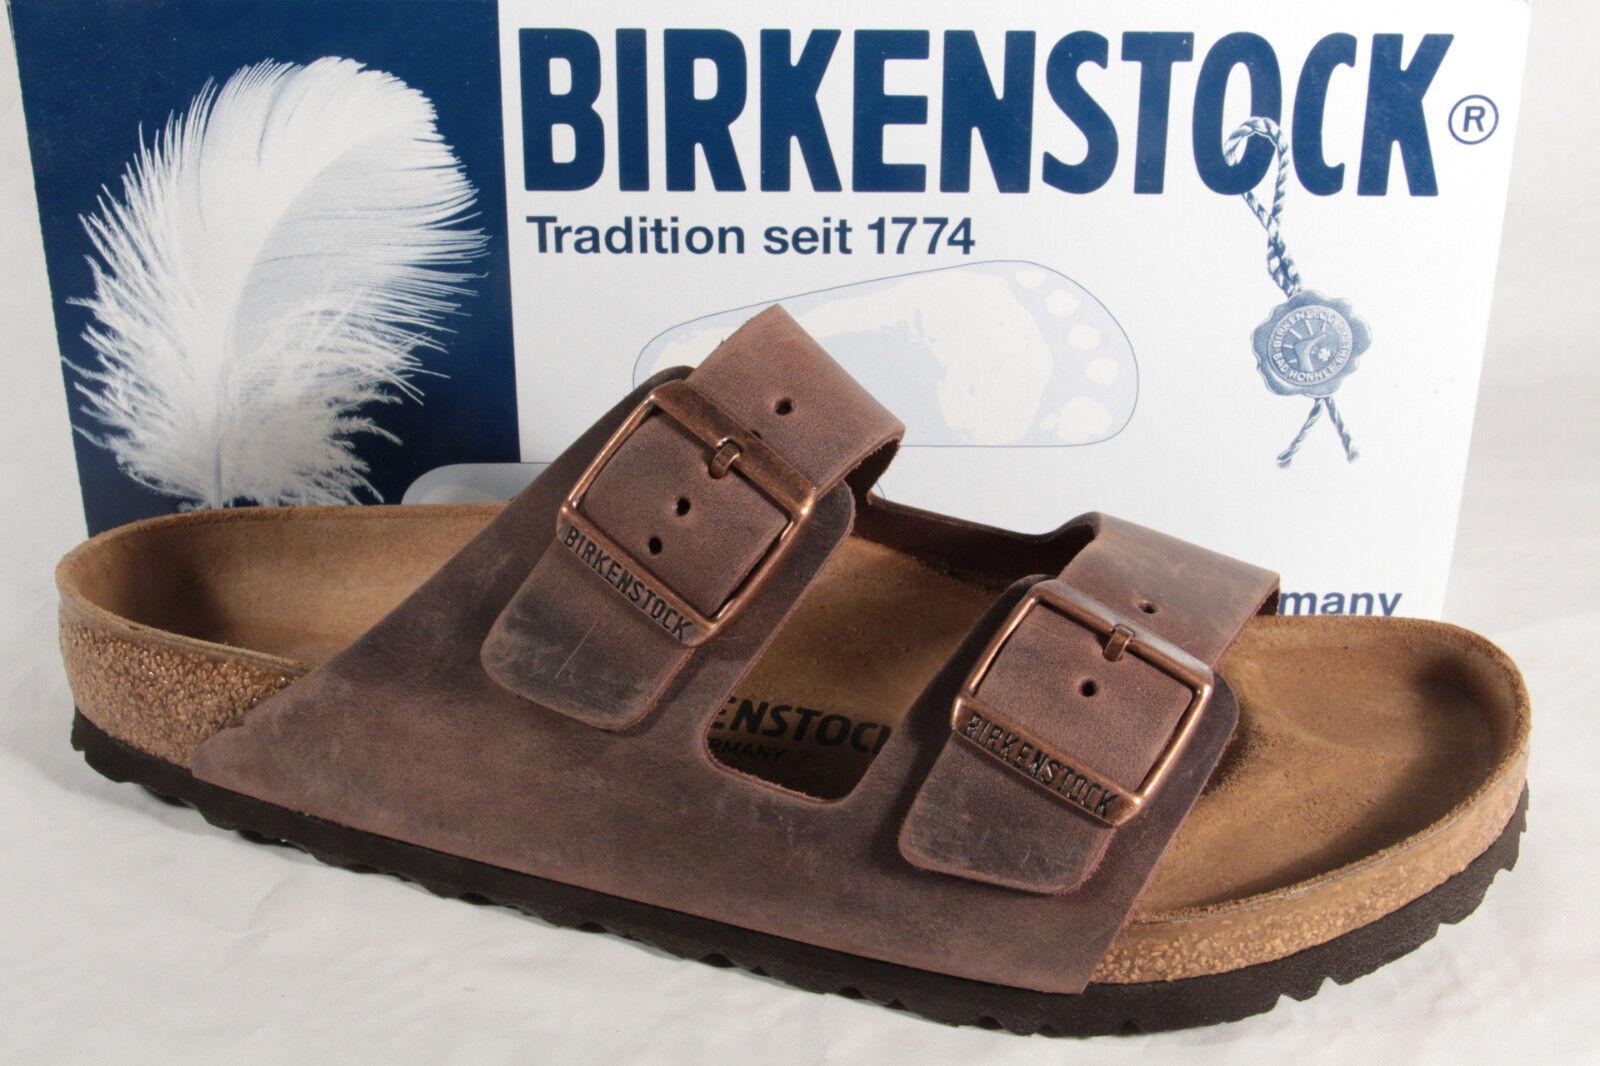 Birkenstock Hombre Zapato Abierto Zuecos Mulas Verdadero Cuero Verdadero Mulas Marrón 052531 4b6553